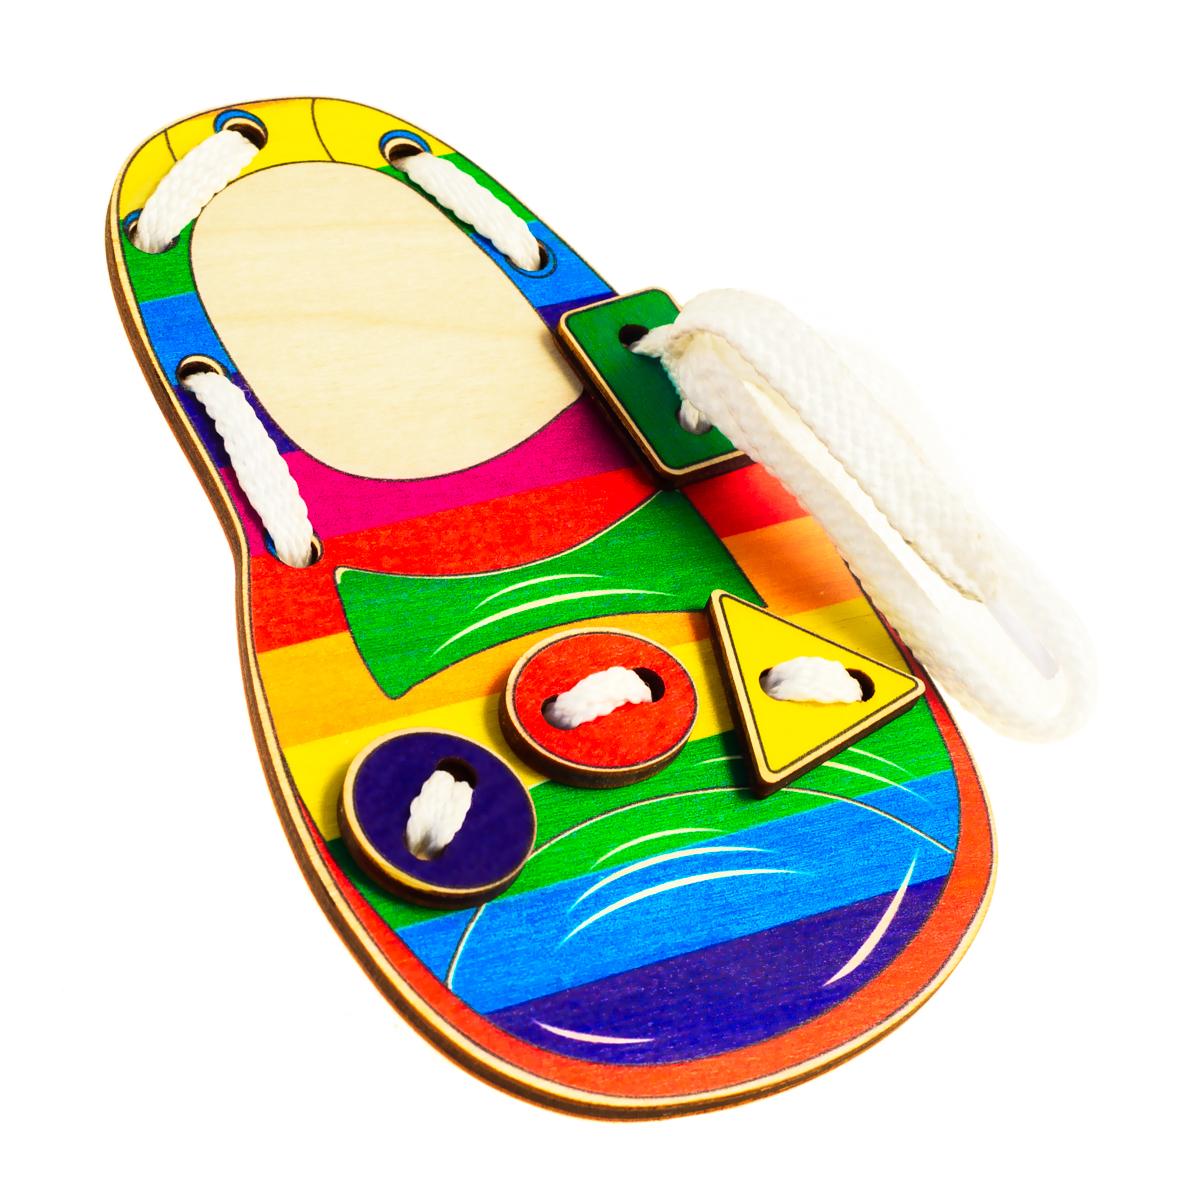 Развивающие деревянные игрушки Шнуровка Башмачок ЦветаД508аШнуровка из качественных деревоматериалов - прекрасная игрушка для развития ребенка. Шнуровка-башмачок из обработатнной фанеры непременно станет любимой игрушкой любопытного непоседы. Шнуровка в виде детского сандалика не только послужит незаменимым пособием для развития моторики ребенка, но и познакомит его с цветами и геометрическими фигурами: квадратом, кругом, овалом и треугольником. Насыщенные цвета и разнообразные формы будут стимулировать детское воображение и фантазию, развивать внимание, цветовое восприятие, моторику и координацию. ВНИМАНИЕ! Детали игрушки выполнены из натурального дерева (деревоматериала) без покрытия лаками или другими химическими составами. Перед использованием удалите остатки древесины и древесную пыль, тщательно протерев детали игрушки мягкой тканью!